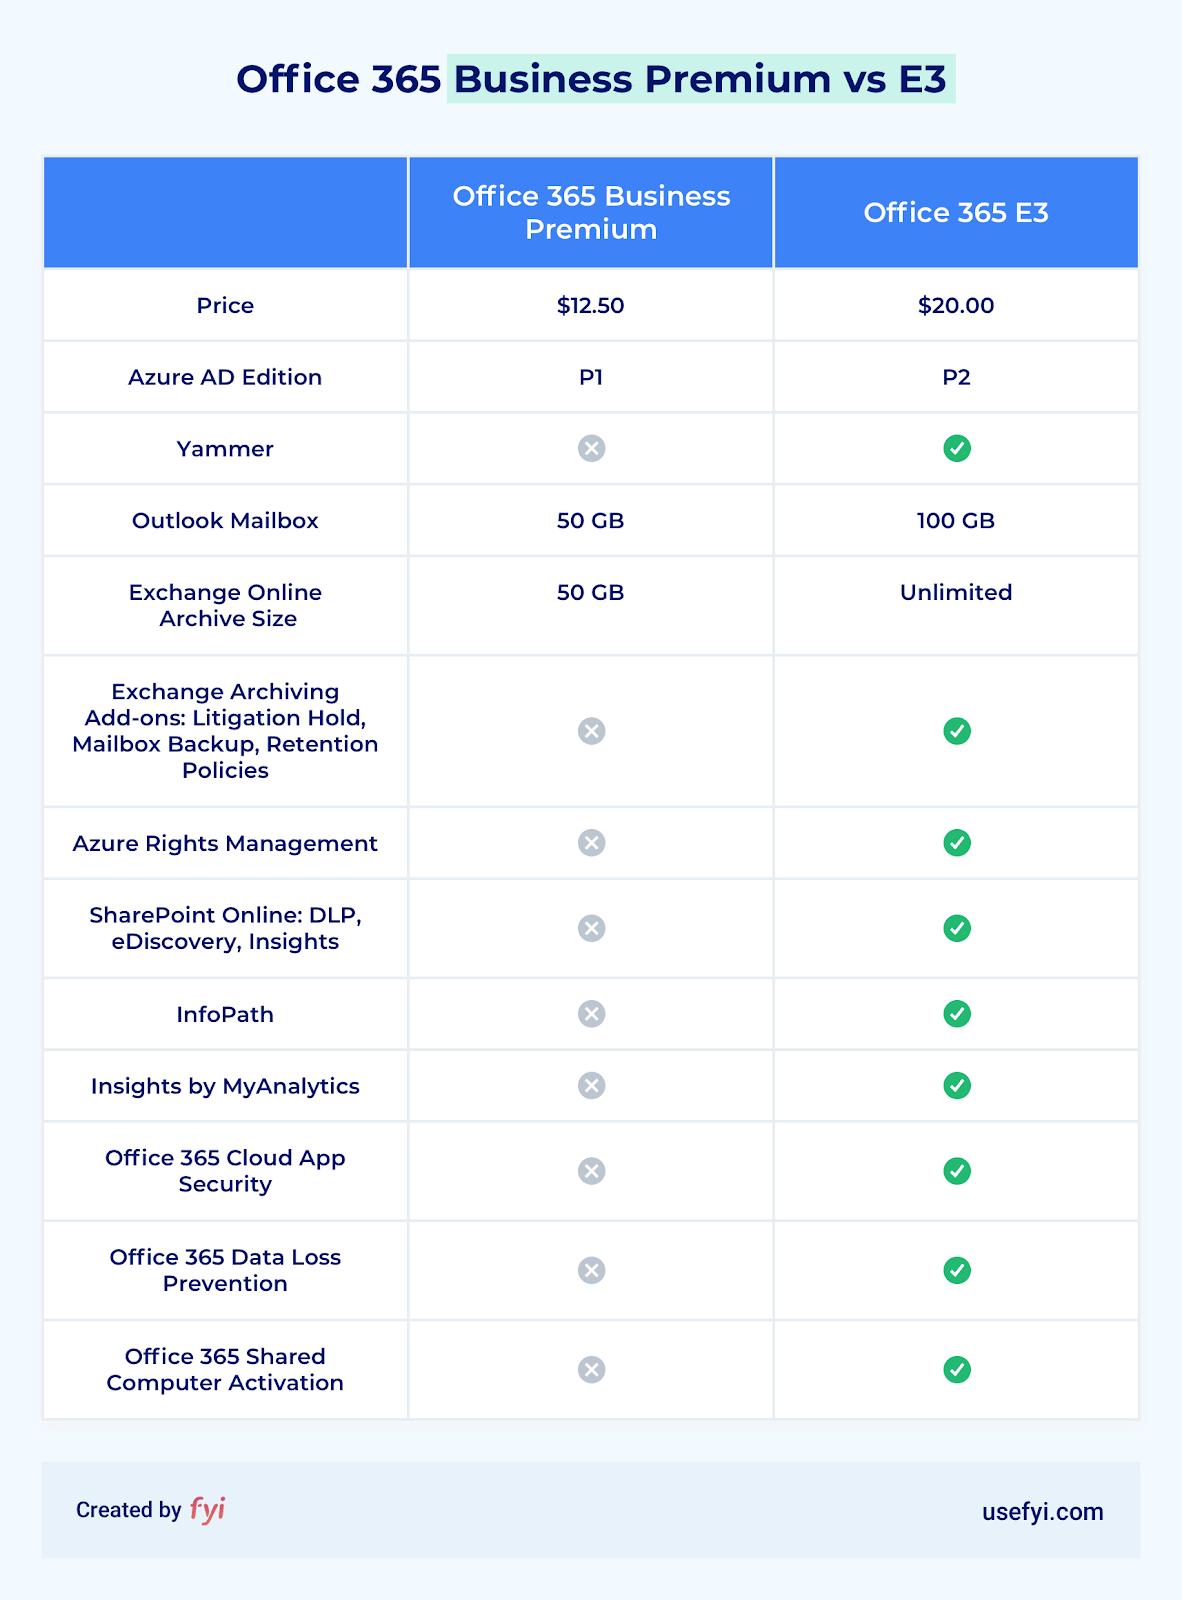 office 365 premium vs e3 comparison